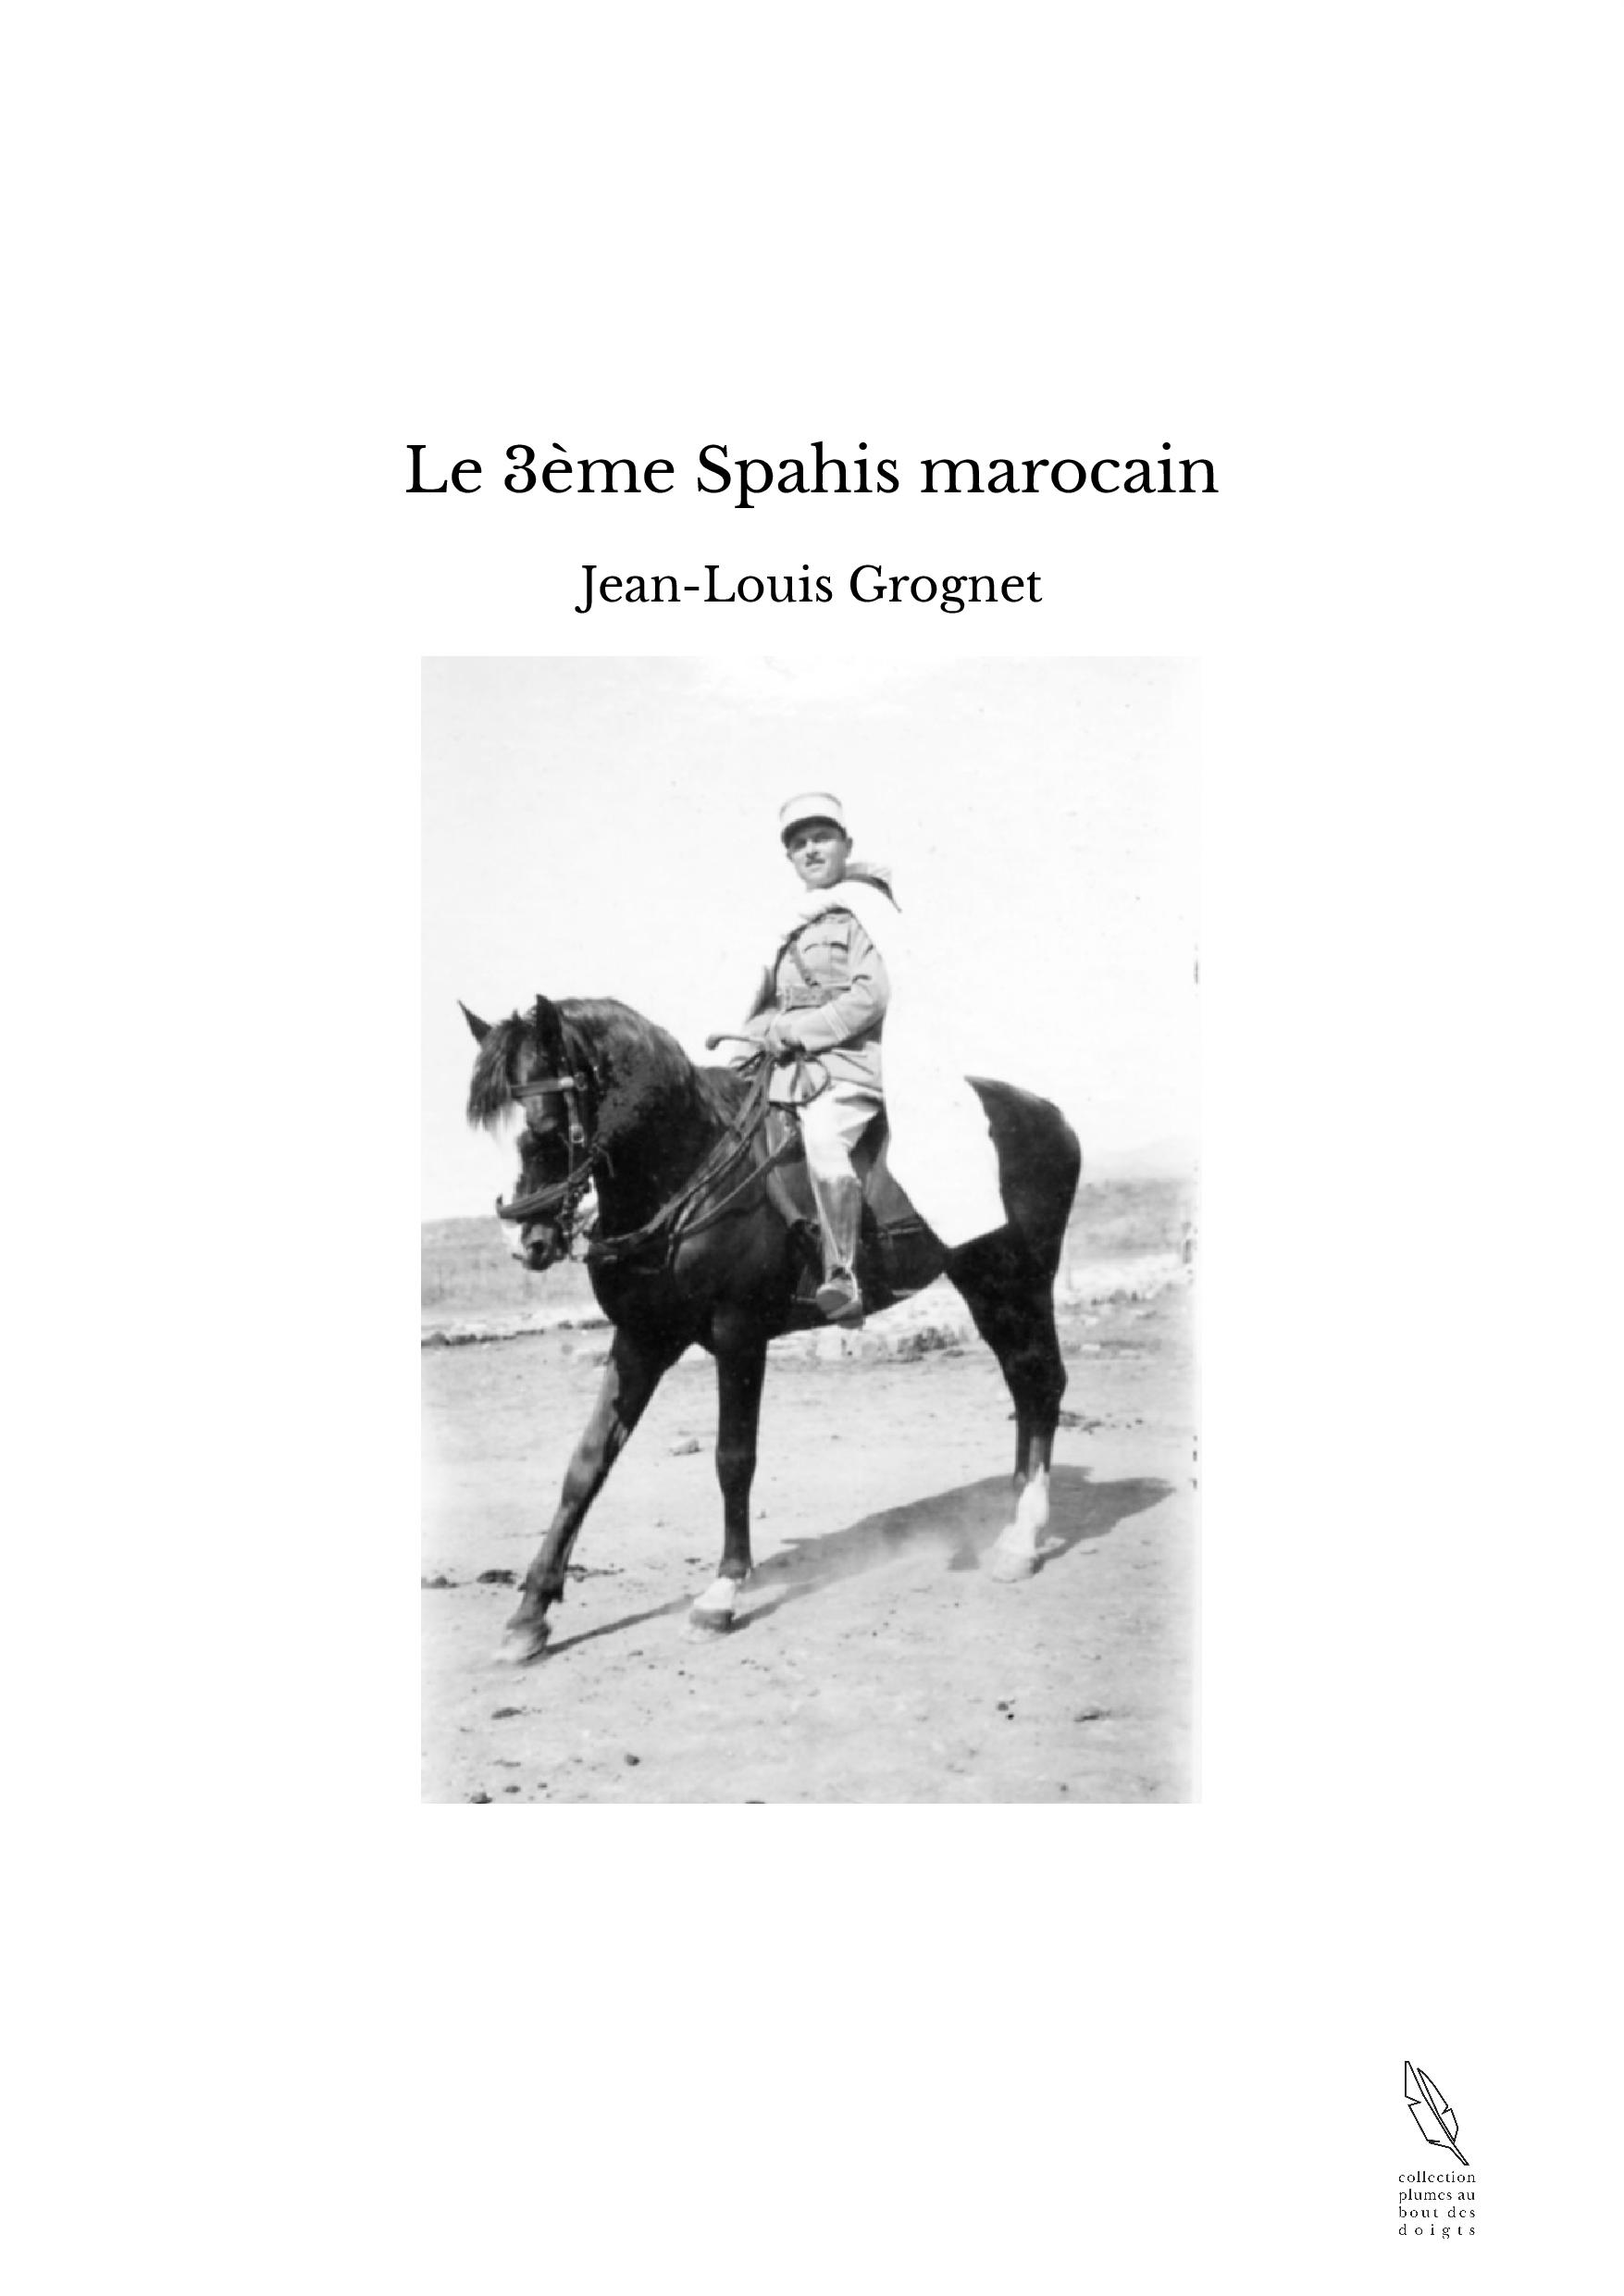 Le 3ème Spahis marocain